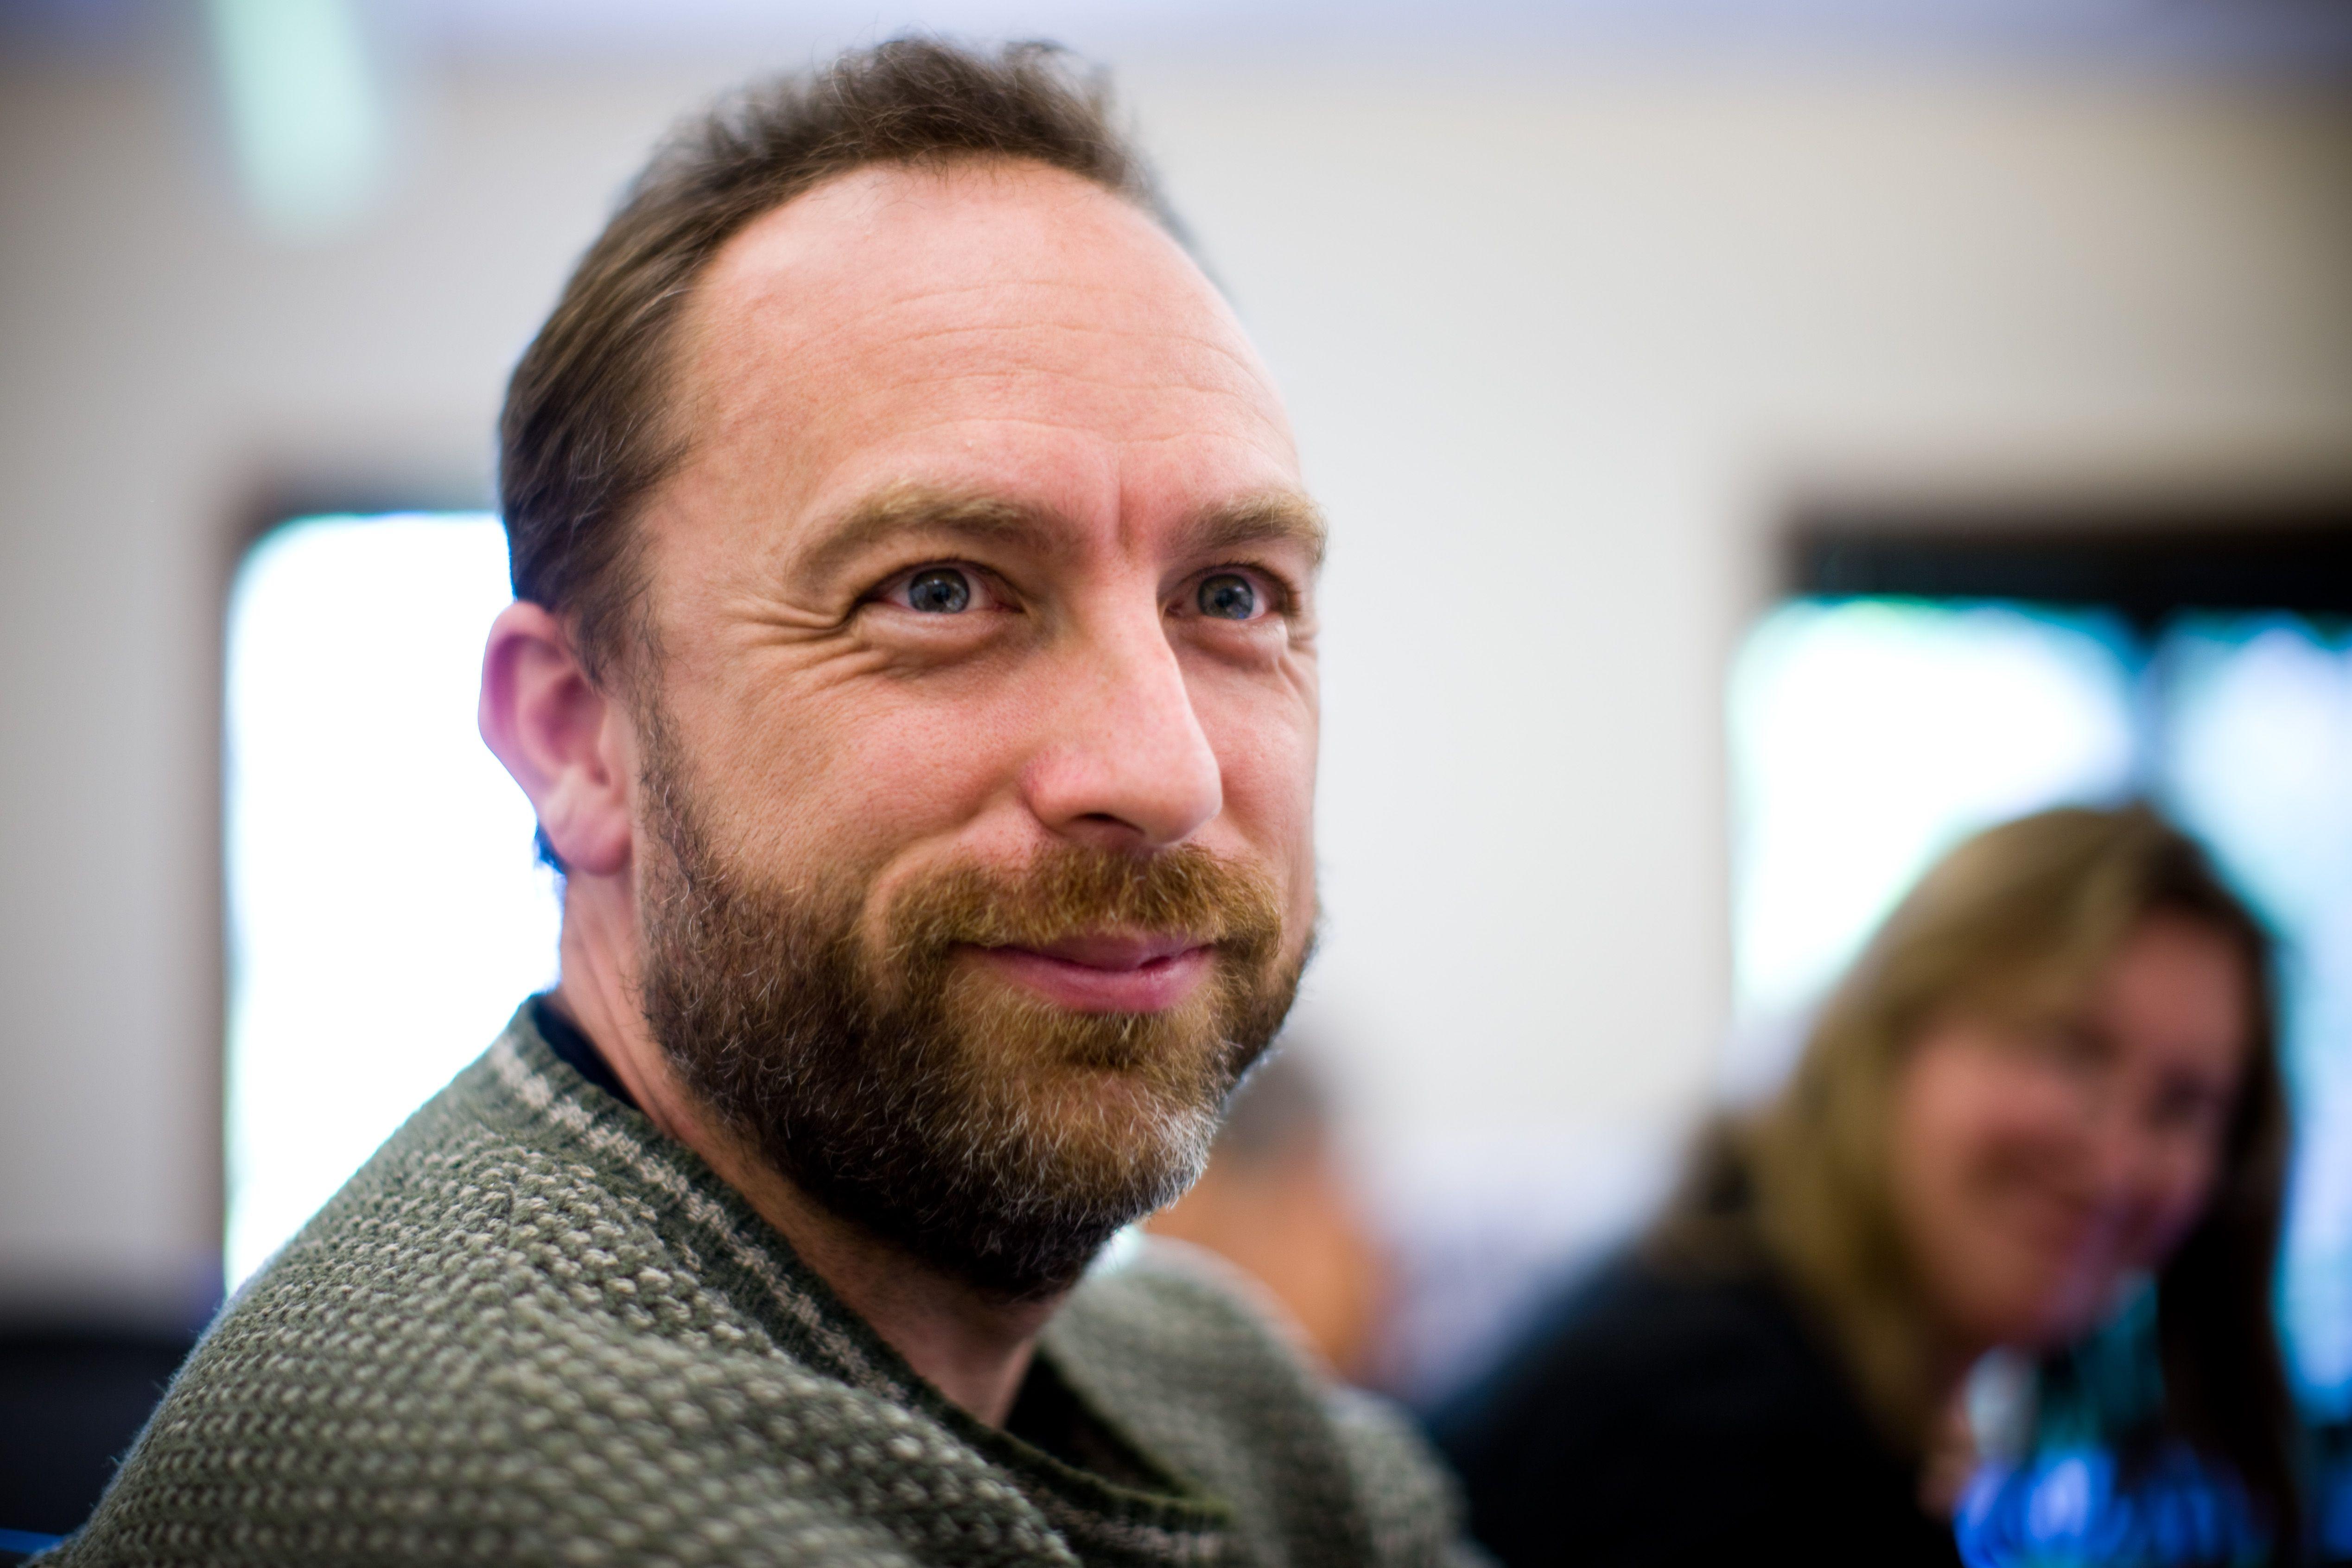 El padre de Wikipedia quiere aprovechar internet para hacer un mundo mejor